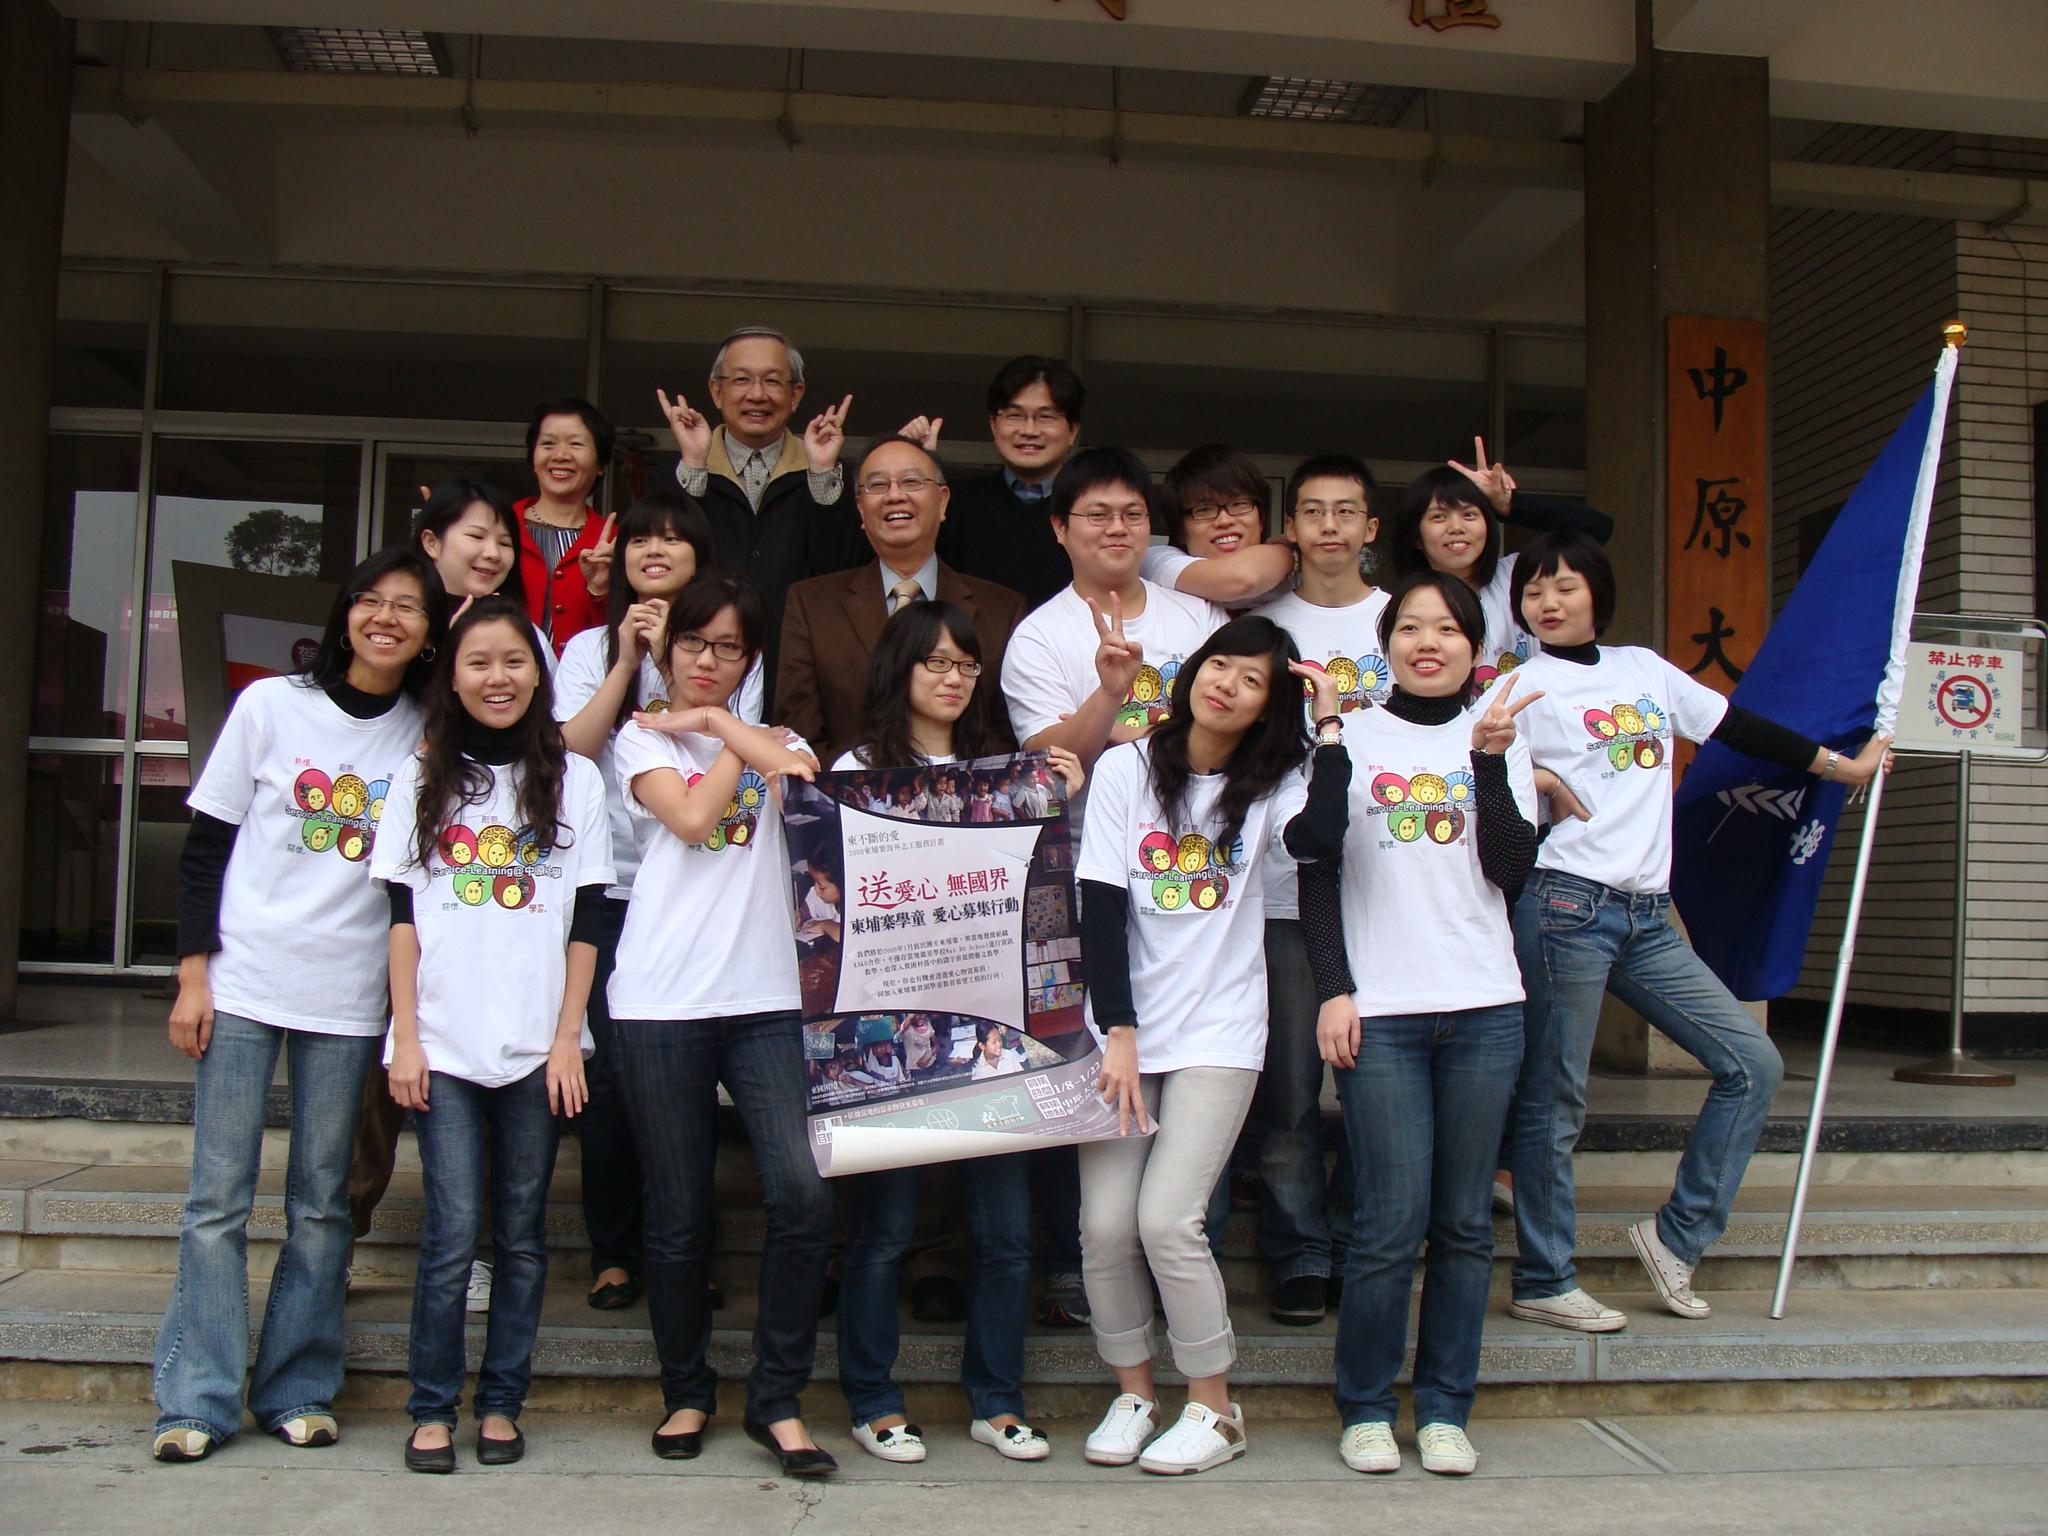 「柬不斷的愛」-中原大學海外志工團隊 赴柬埔寨從事教育輔導活動